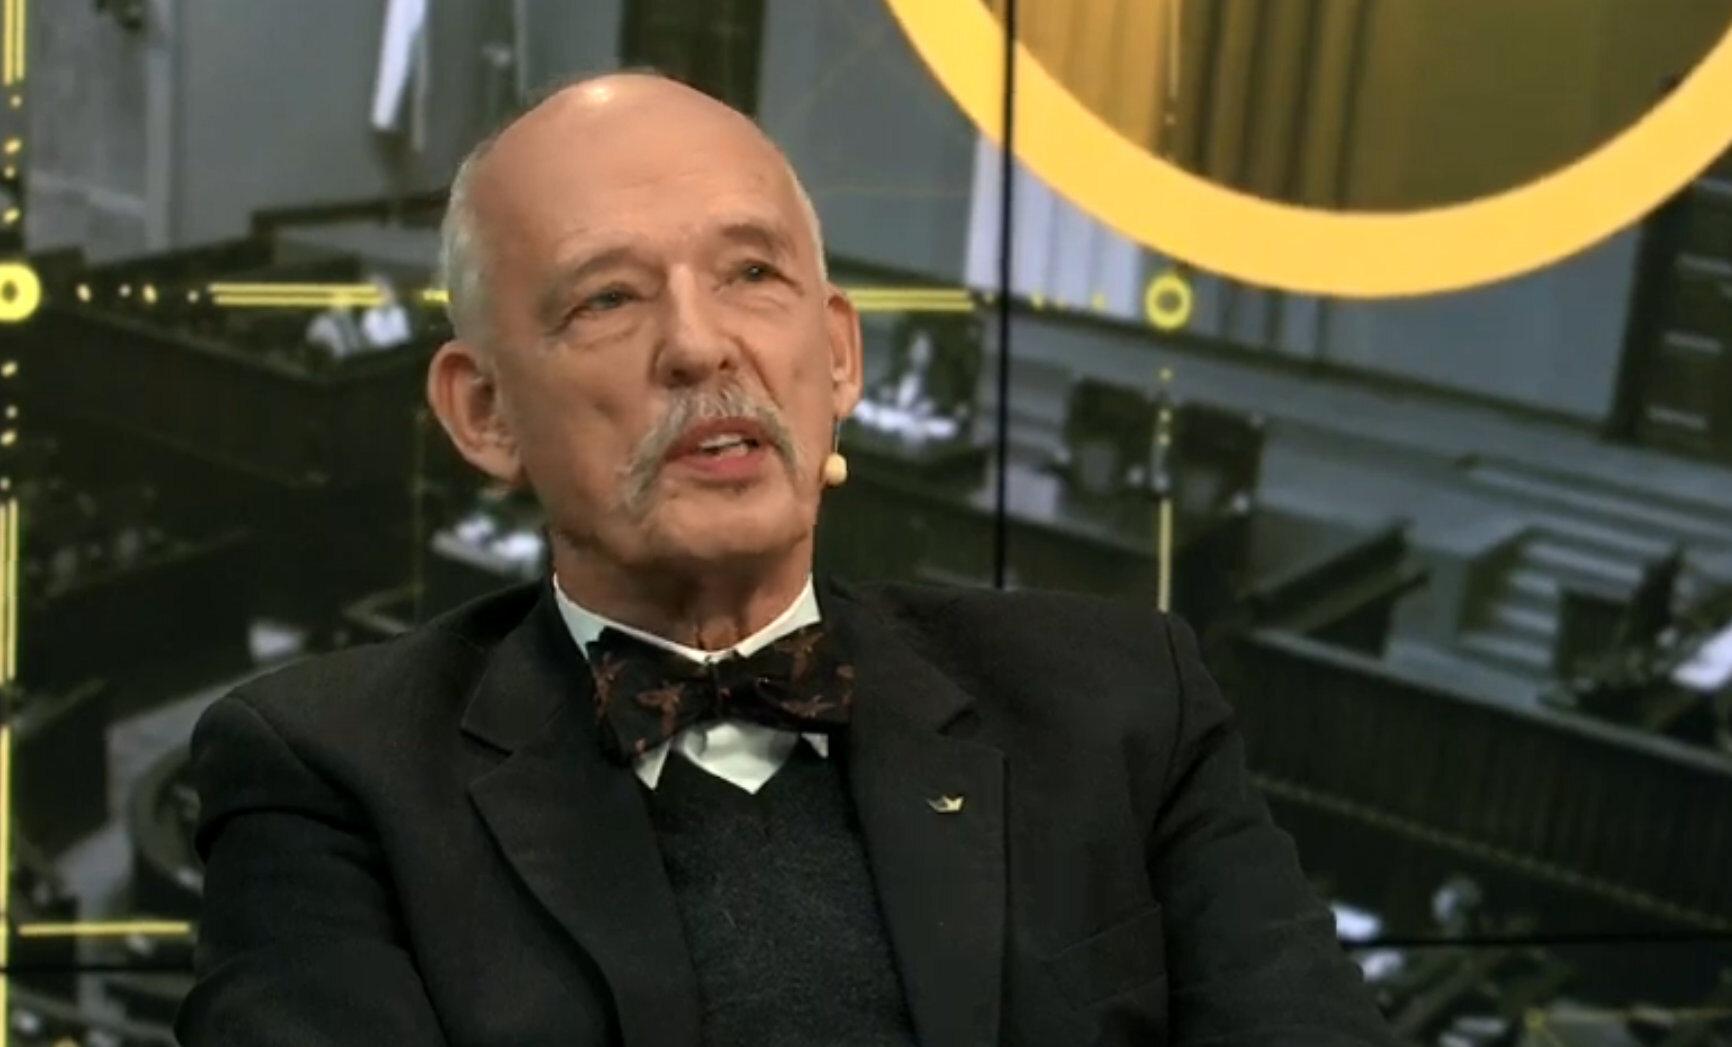 Poseł-elekt Janusz Korwin-Mikke rozmawiał z dziennikarką Elizą Michalik między innymi o kobietach i edukacji seksualnej.